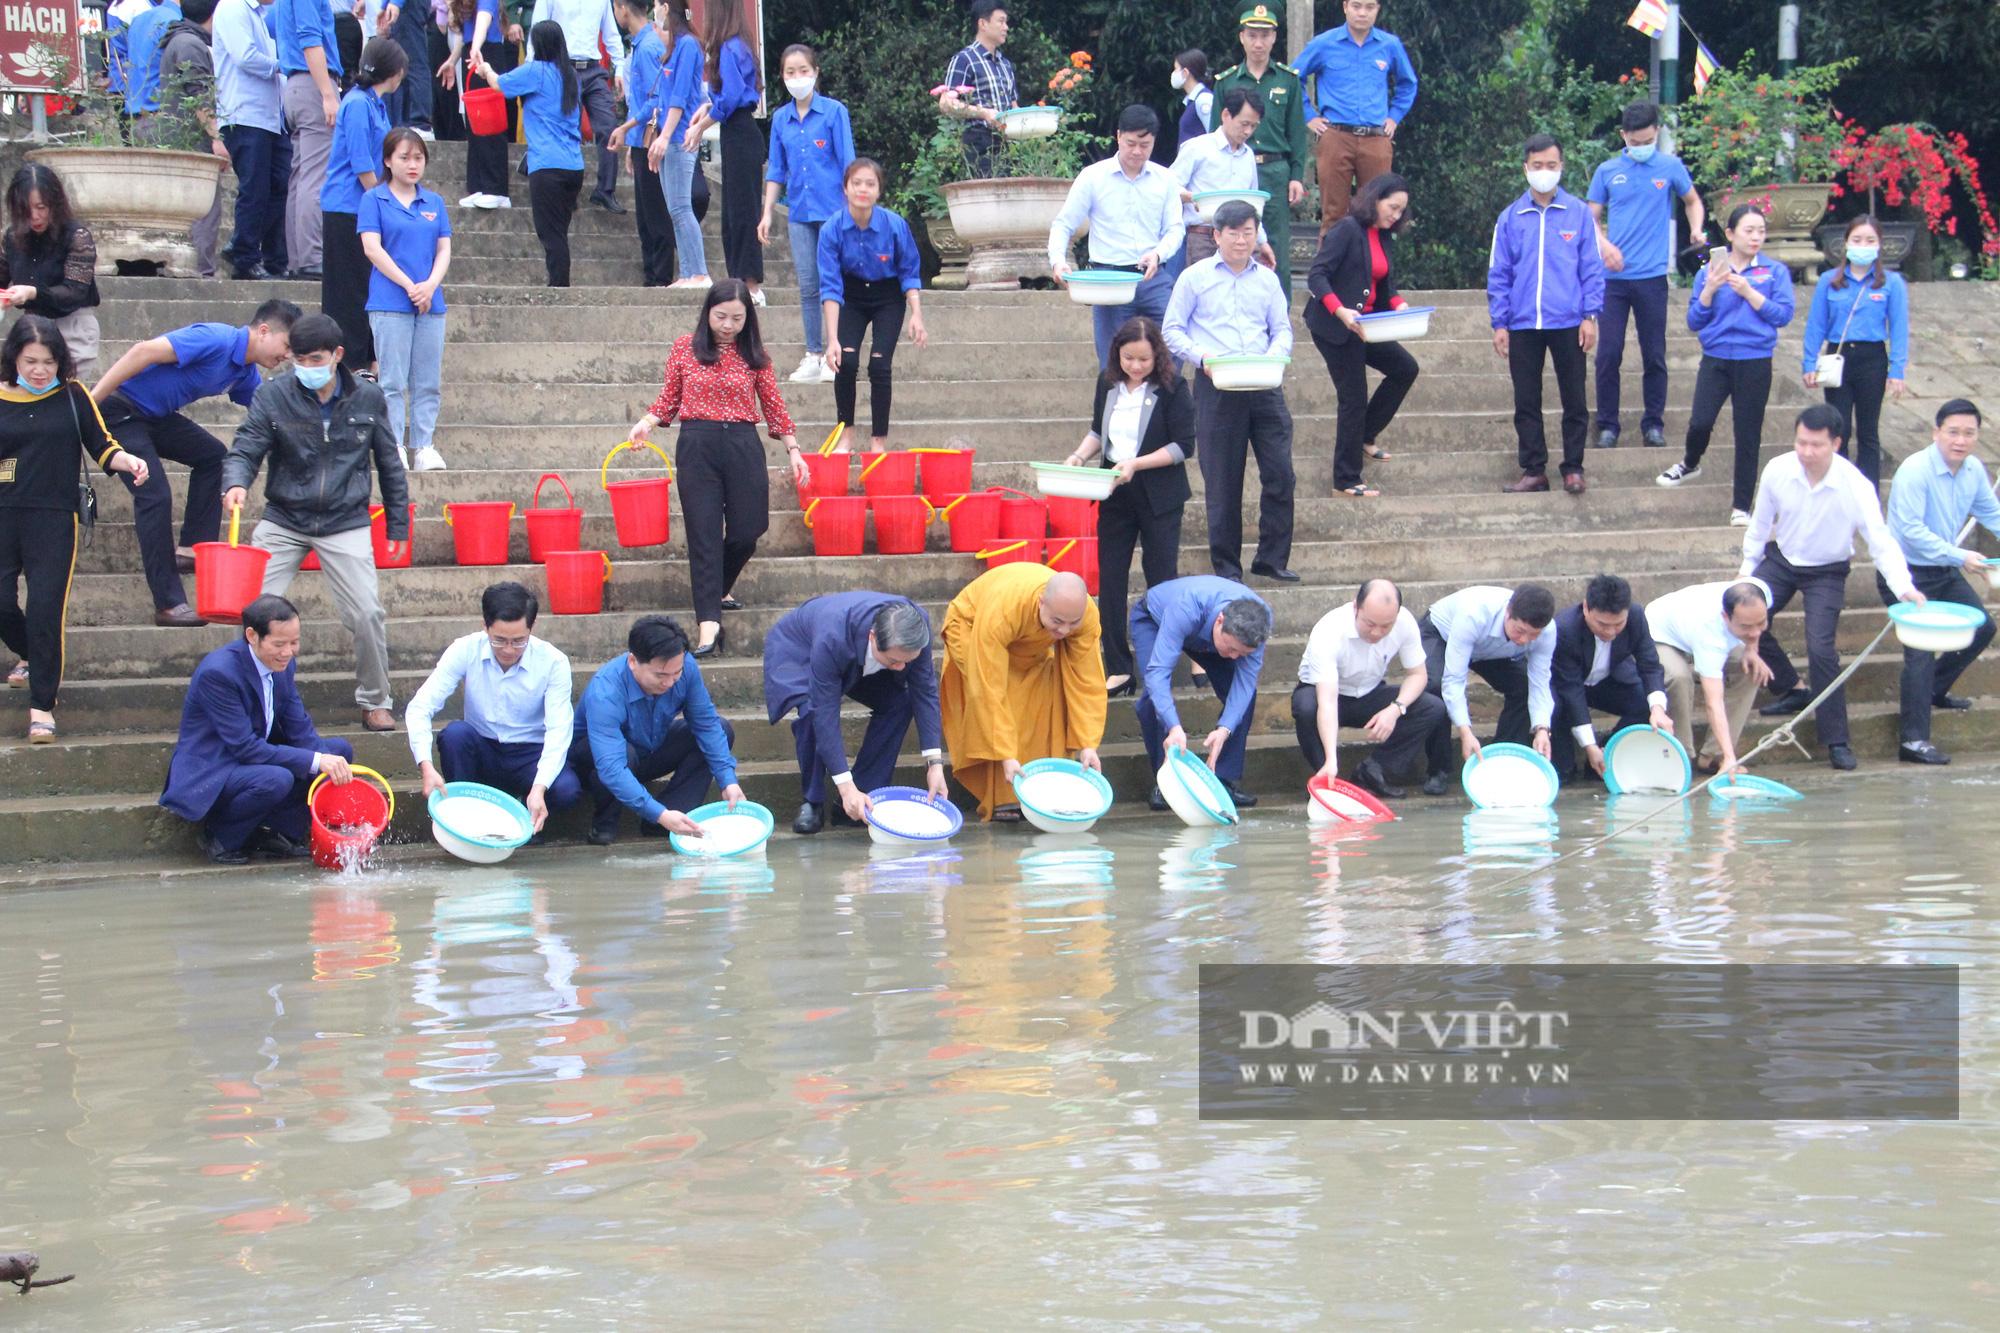 Lãnh đạo tỉnh cùng người dân Thanh Hóa thả 1 tấn cá giống xuống sông Mã - Ảnh 3.